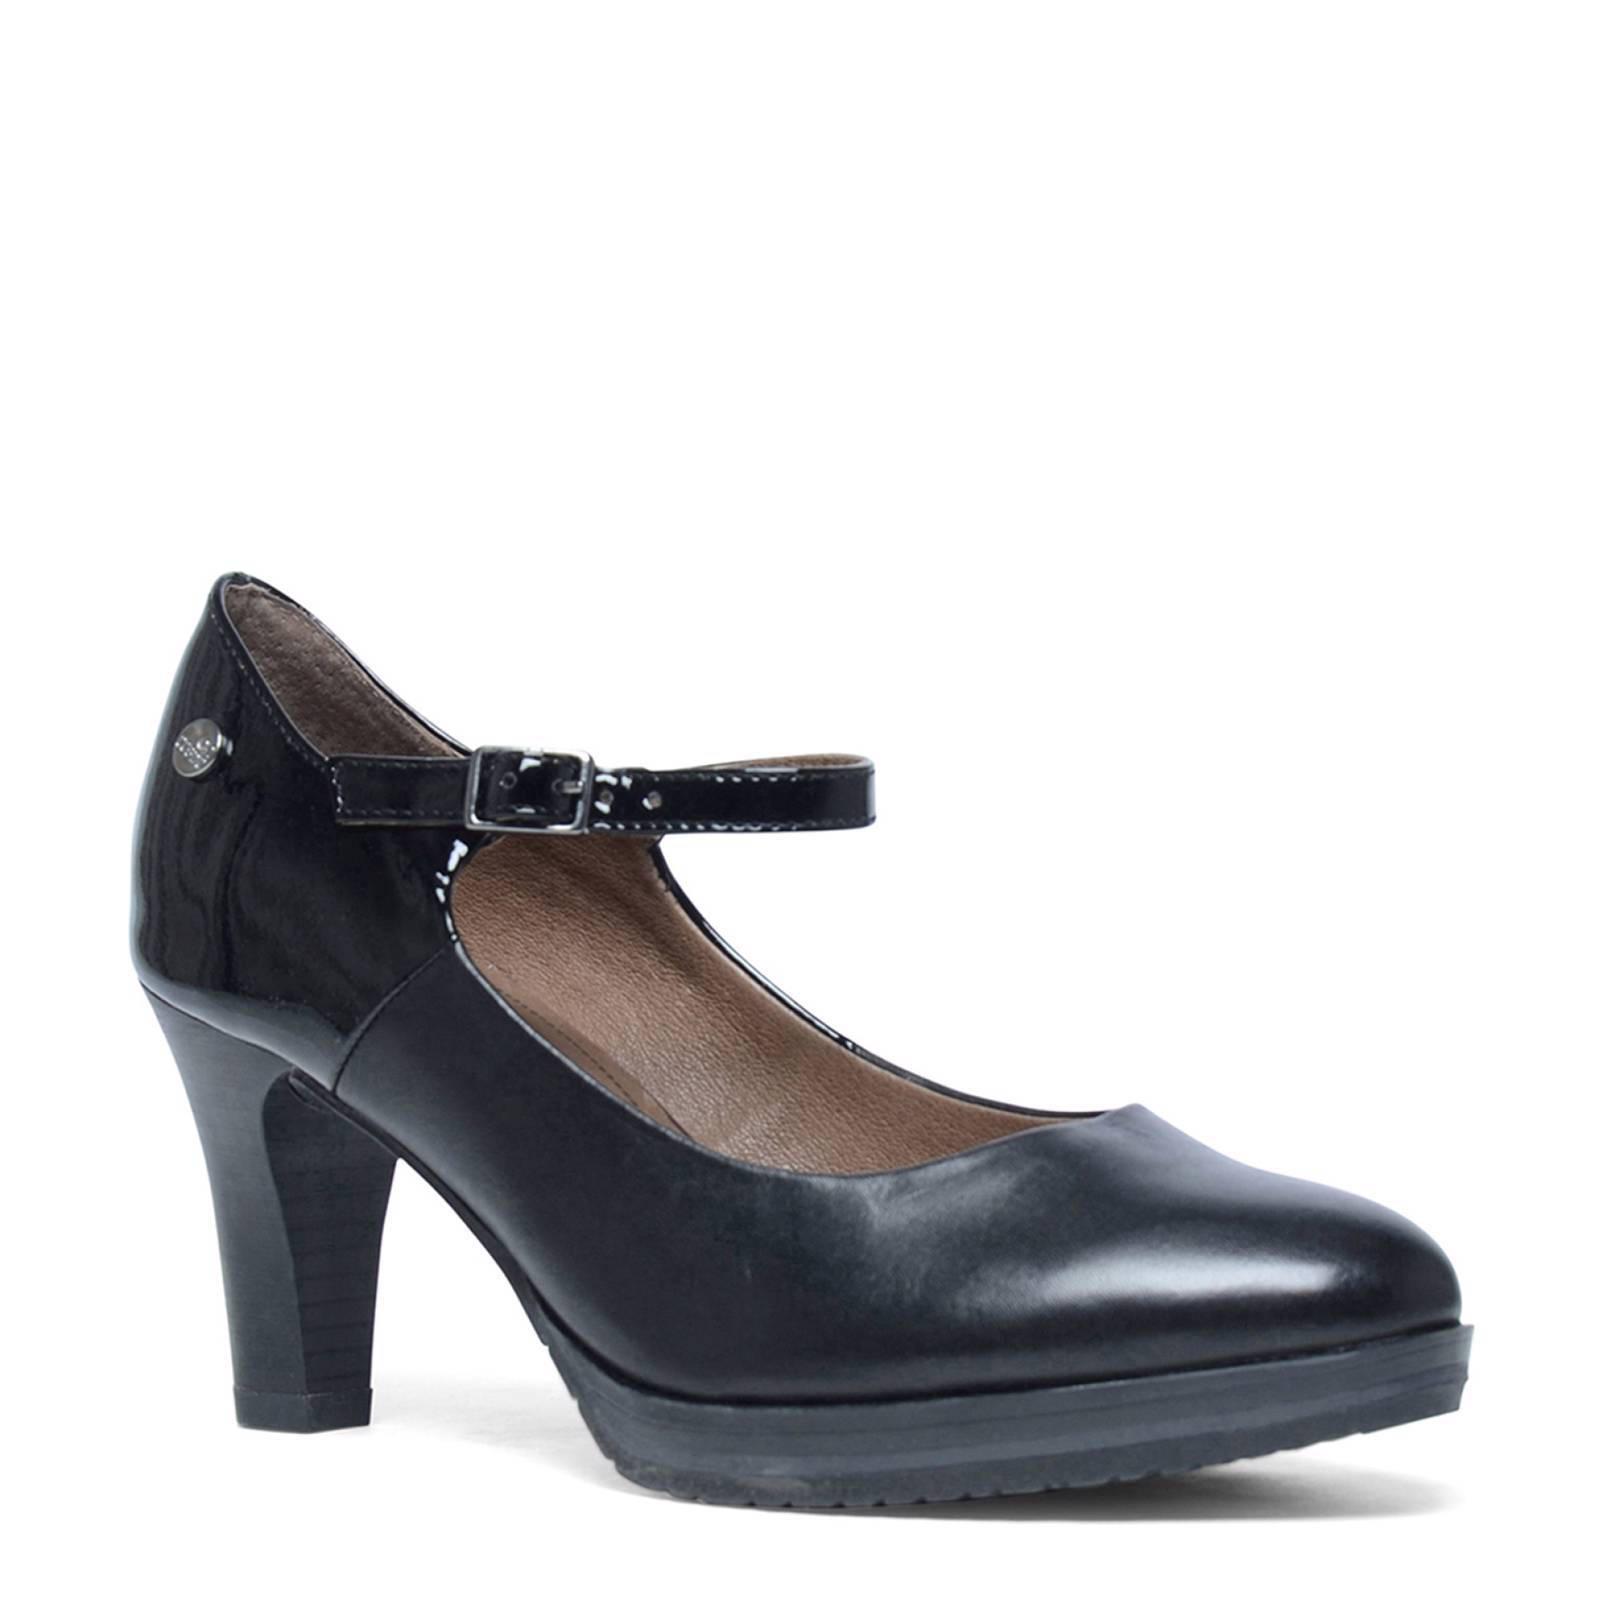 Pas De Stress Chaussures Noir Avec Boucle Pour Dames 1eA4Ah